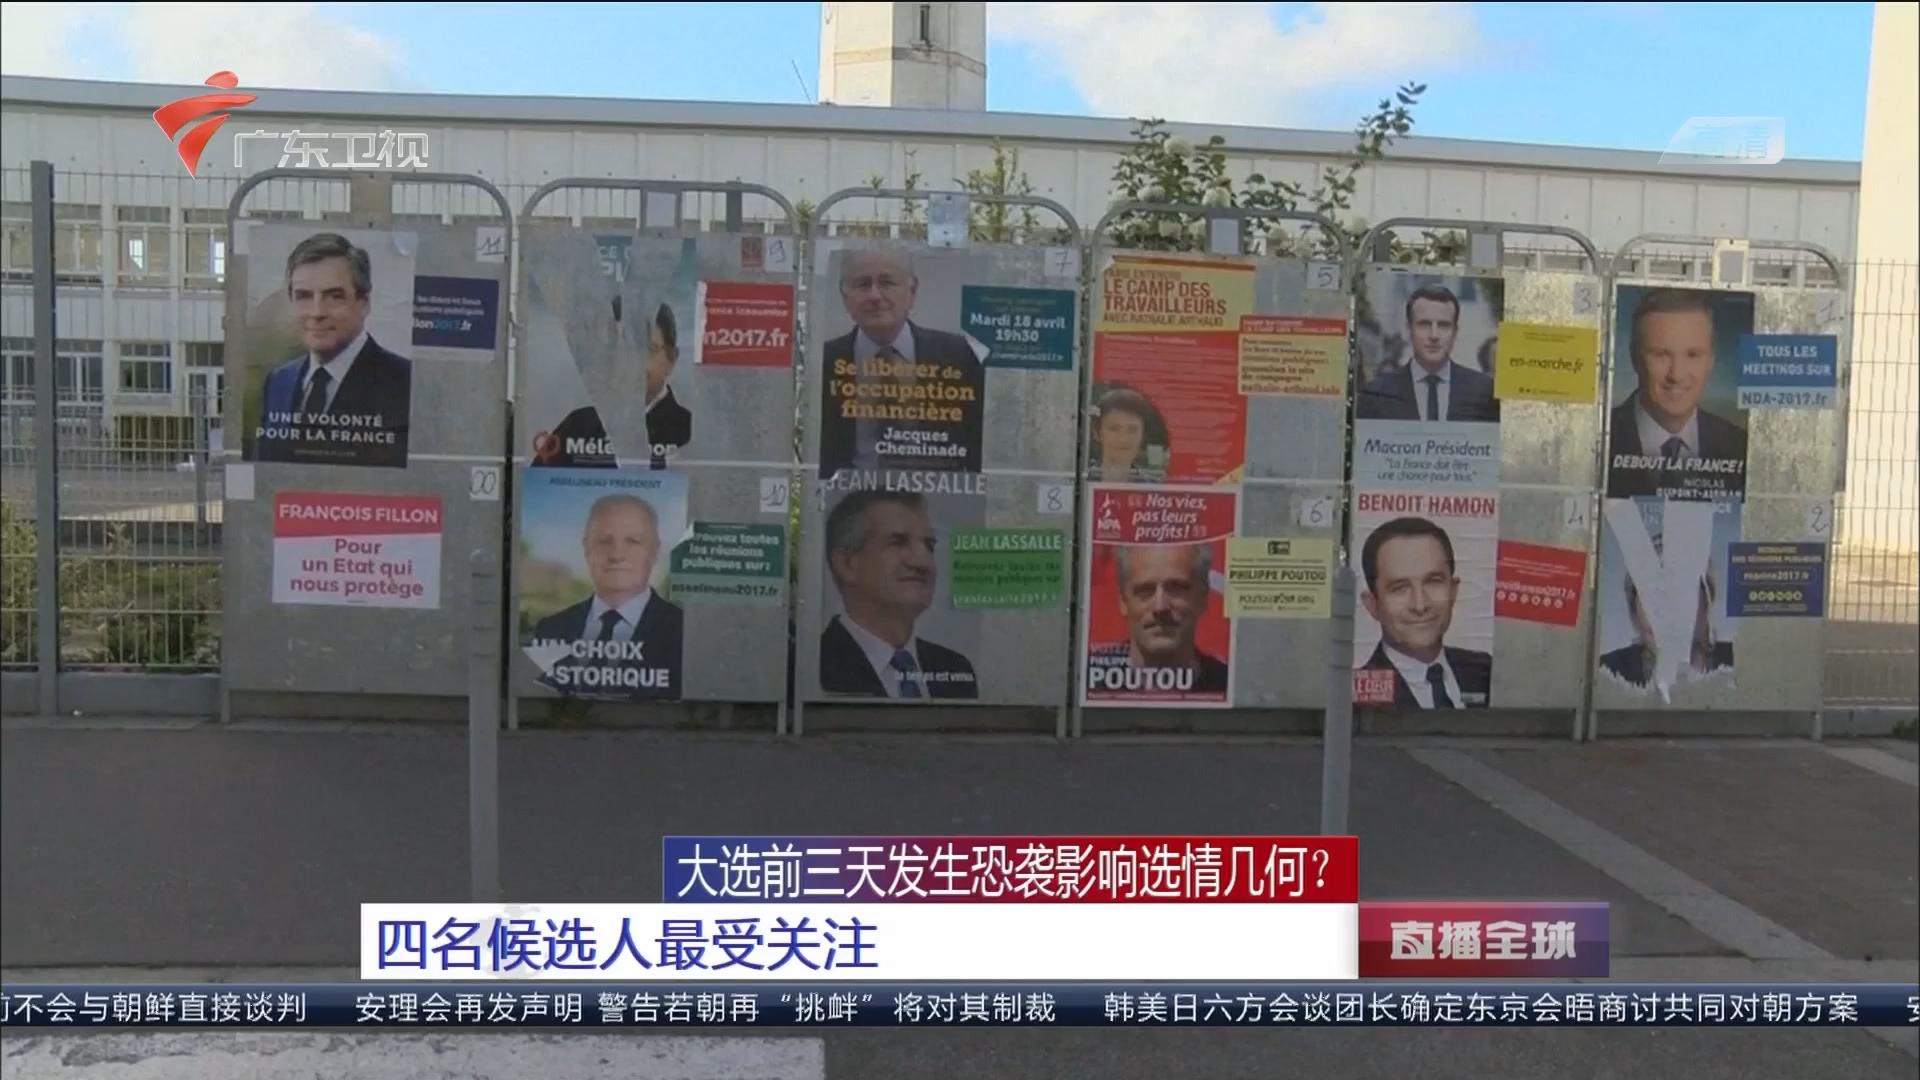 大选前三天发生恐袭影响选情几何?四名候选人最受关注